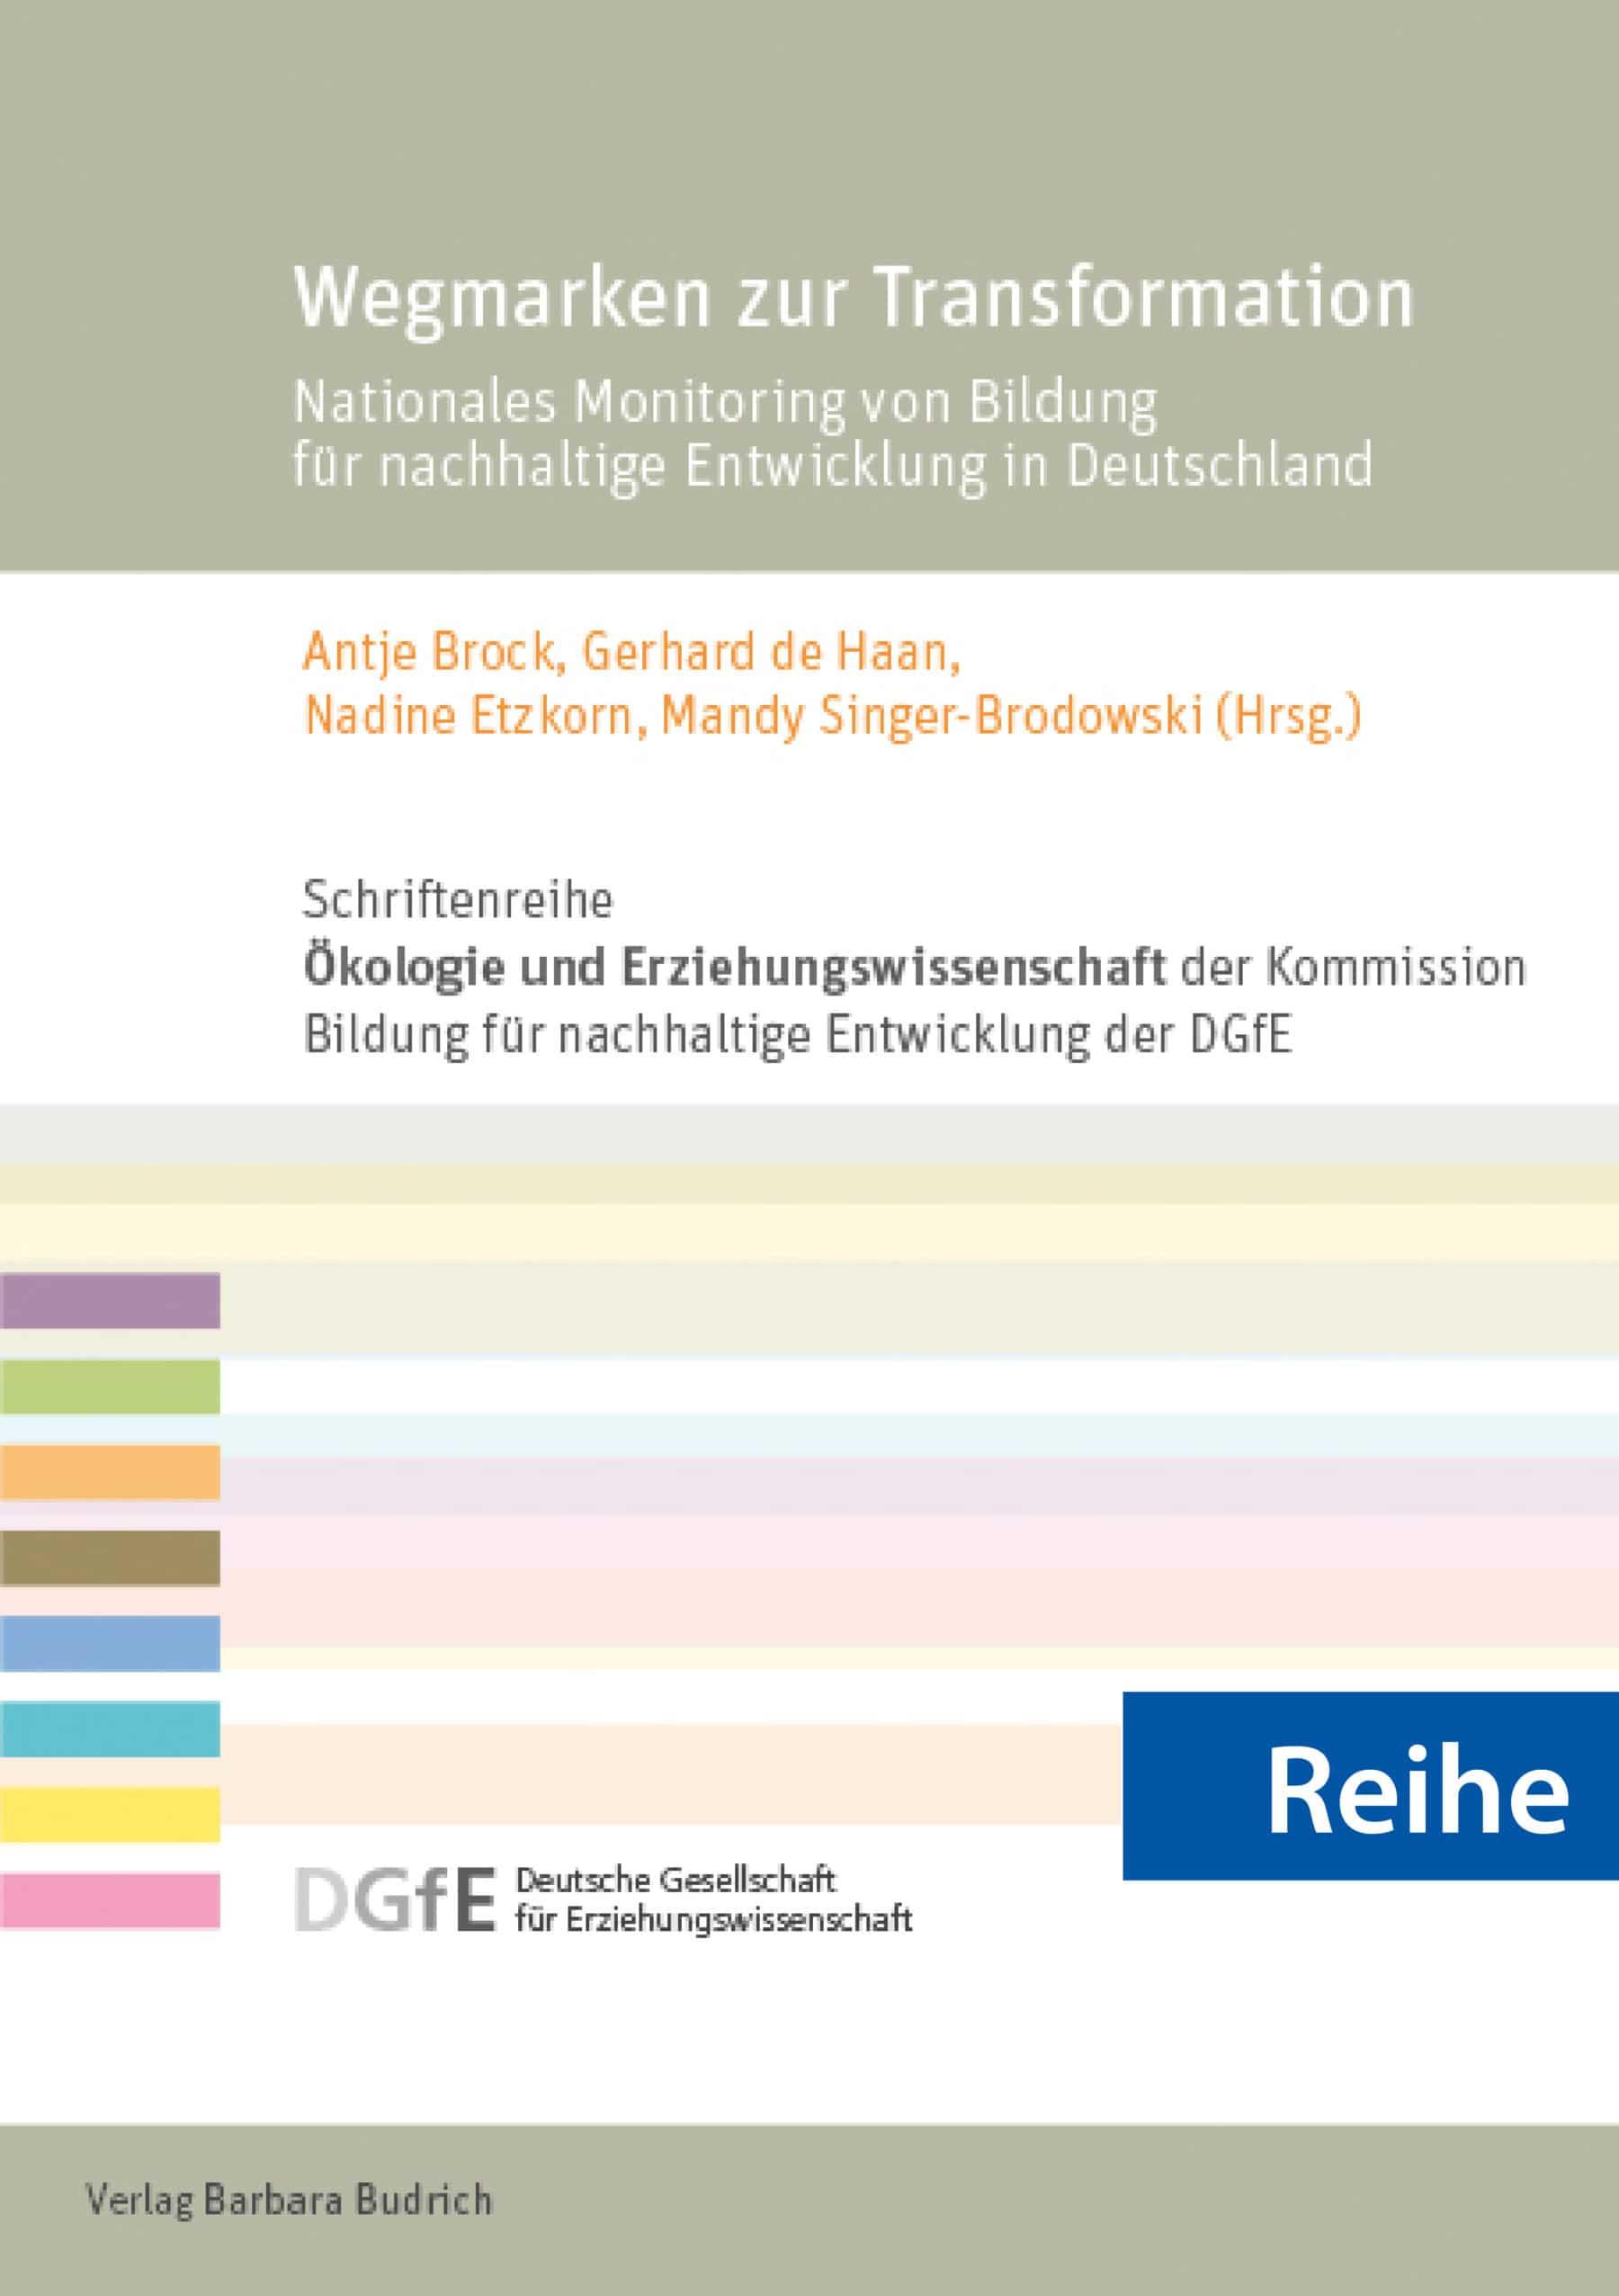 """Reihe – Schriftenreihe """"Ökologie und Erziehungswissenschaft"""" der Kommission Bildung für nachhaltige Entwicklung der Deutschen Gesellschaft für Erziehungswissenschaft (DGfE)"""